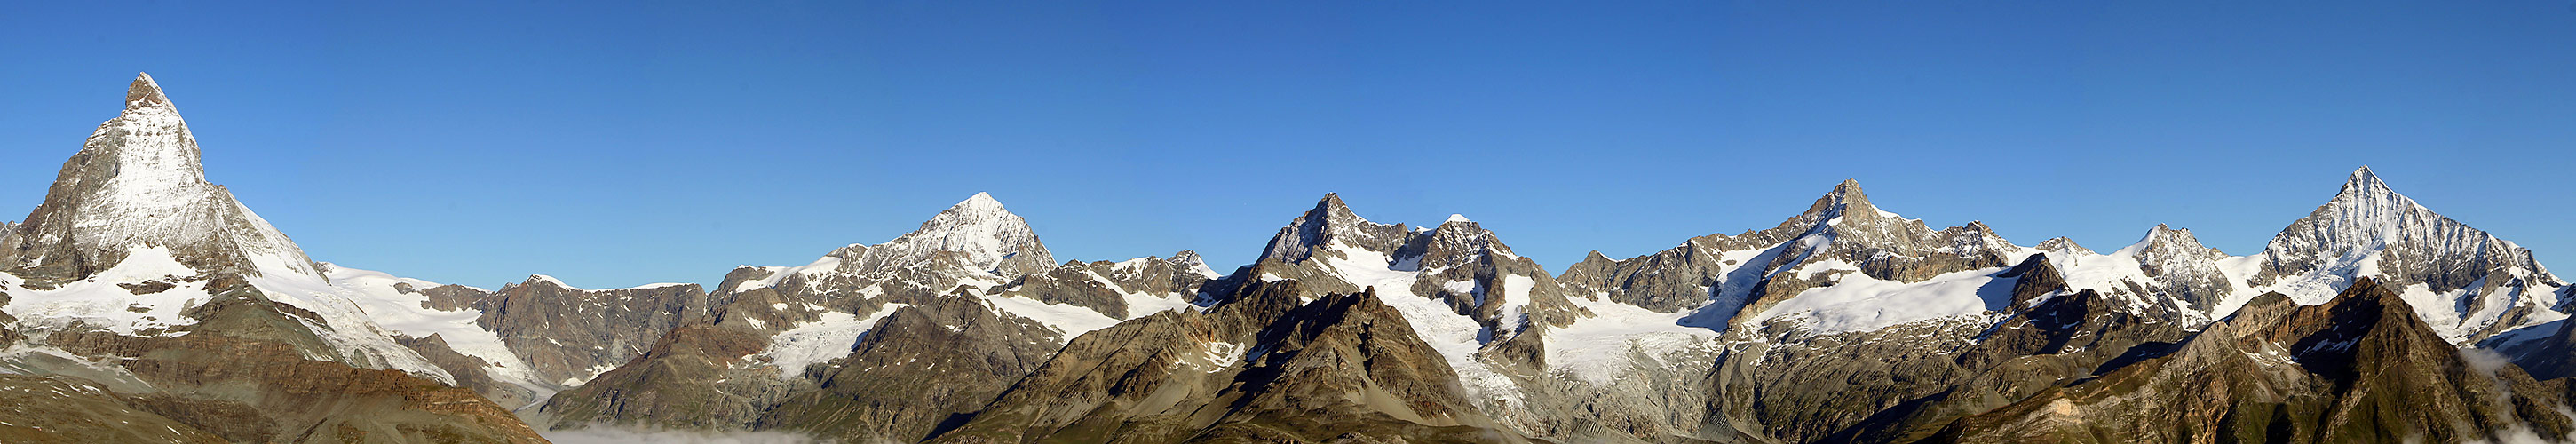 Panorama vom Matterhorn bis zum Weishorn vom Gornergrad aus